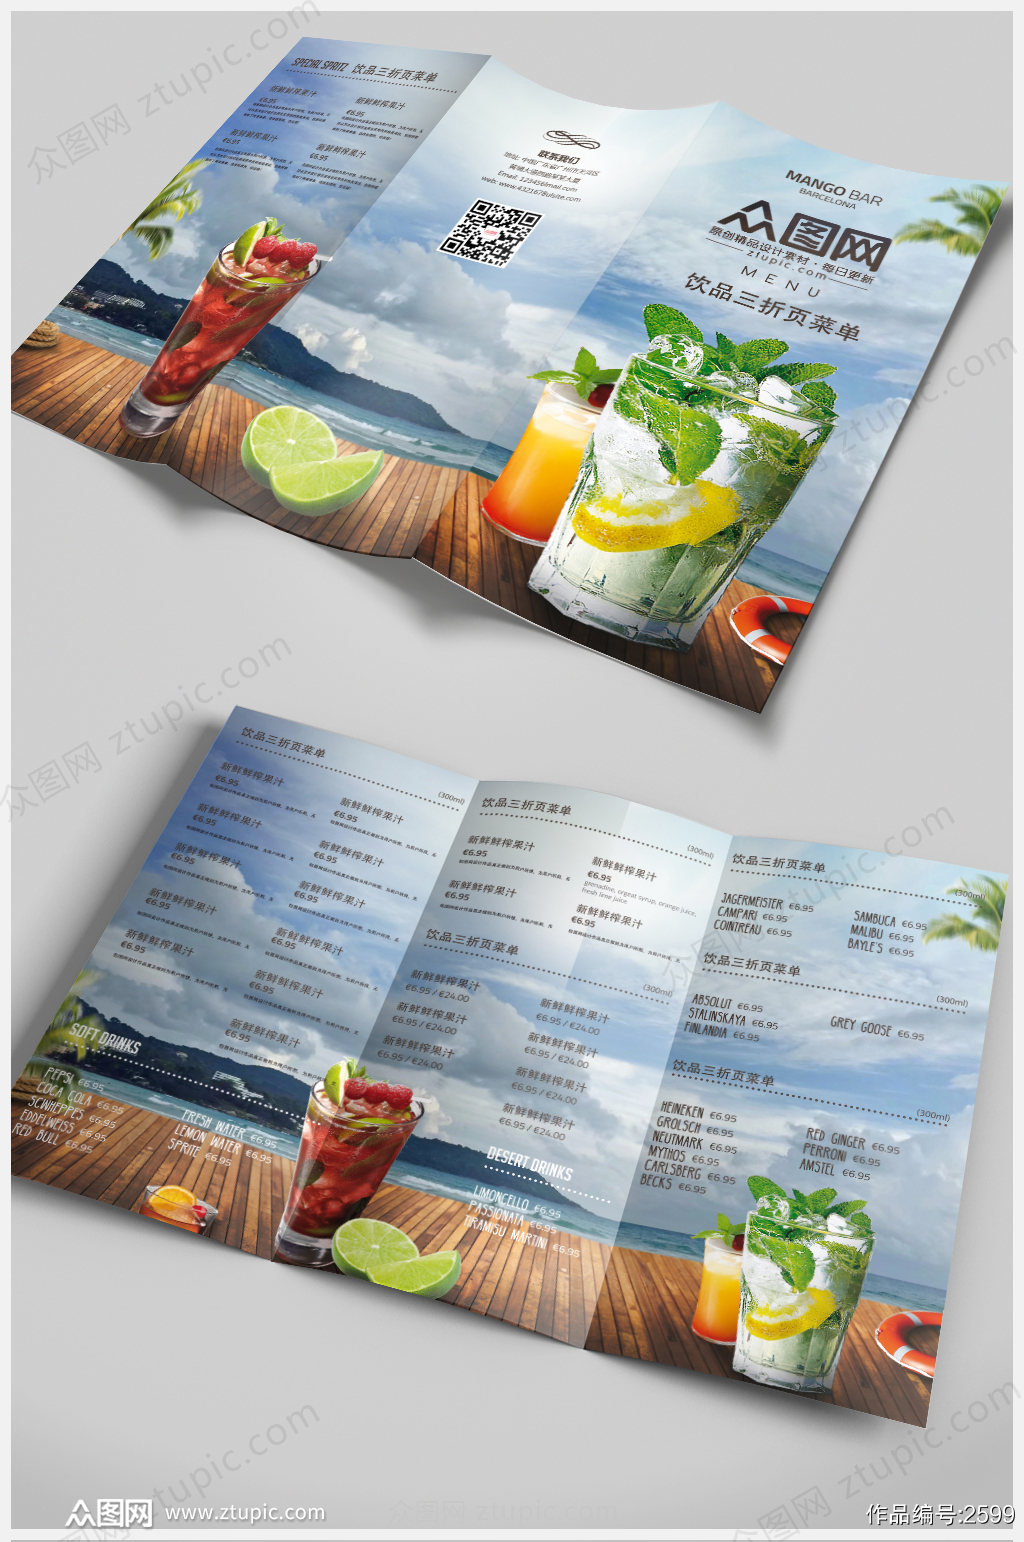 时尚夏天果汁冷饮店酒吧菜单三折页素材